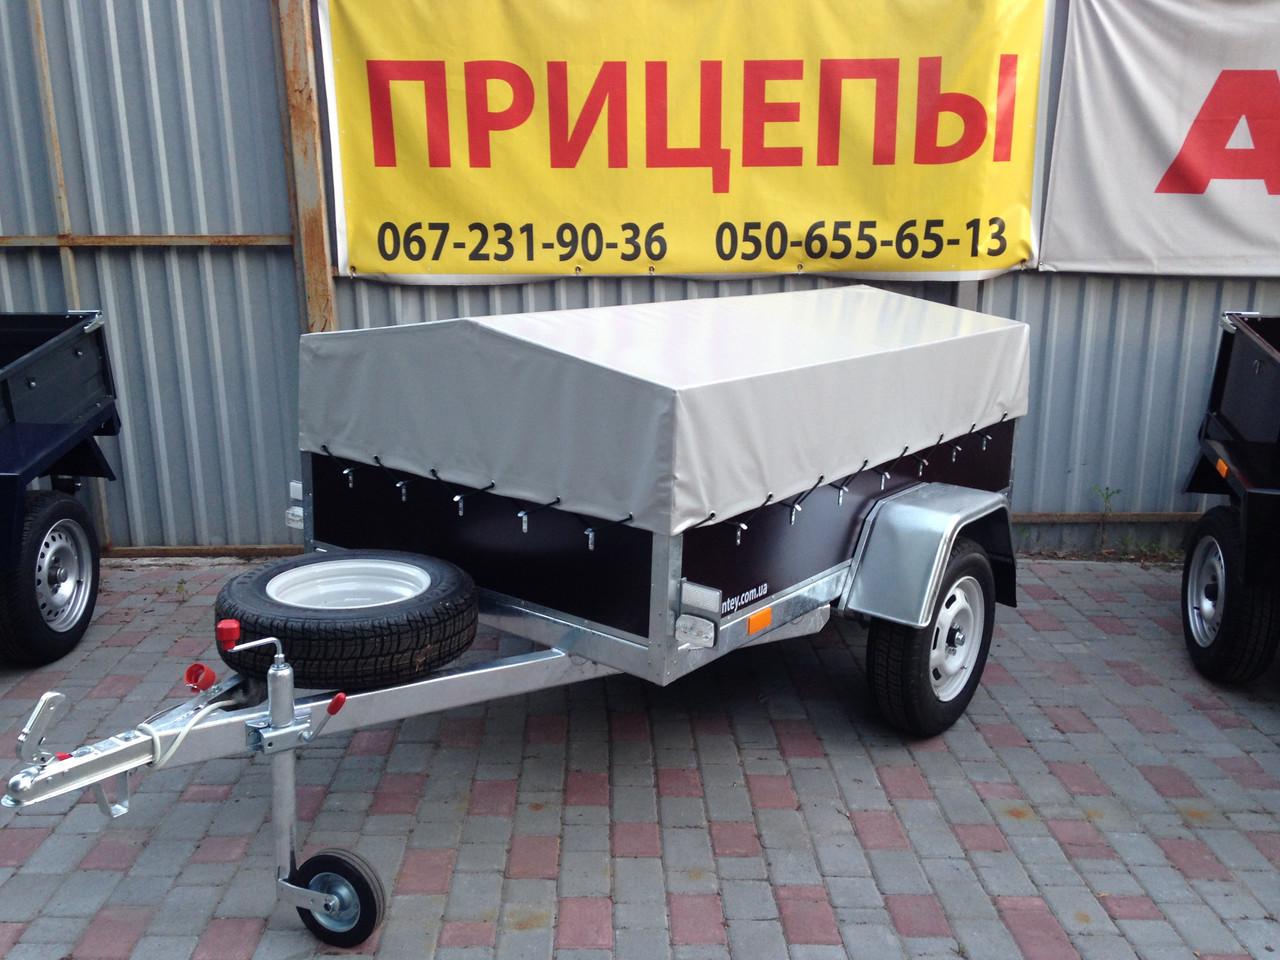 Прицеп для легкового автомобиля - Сантей 750-131